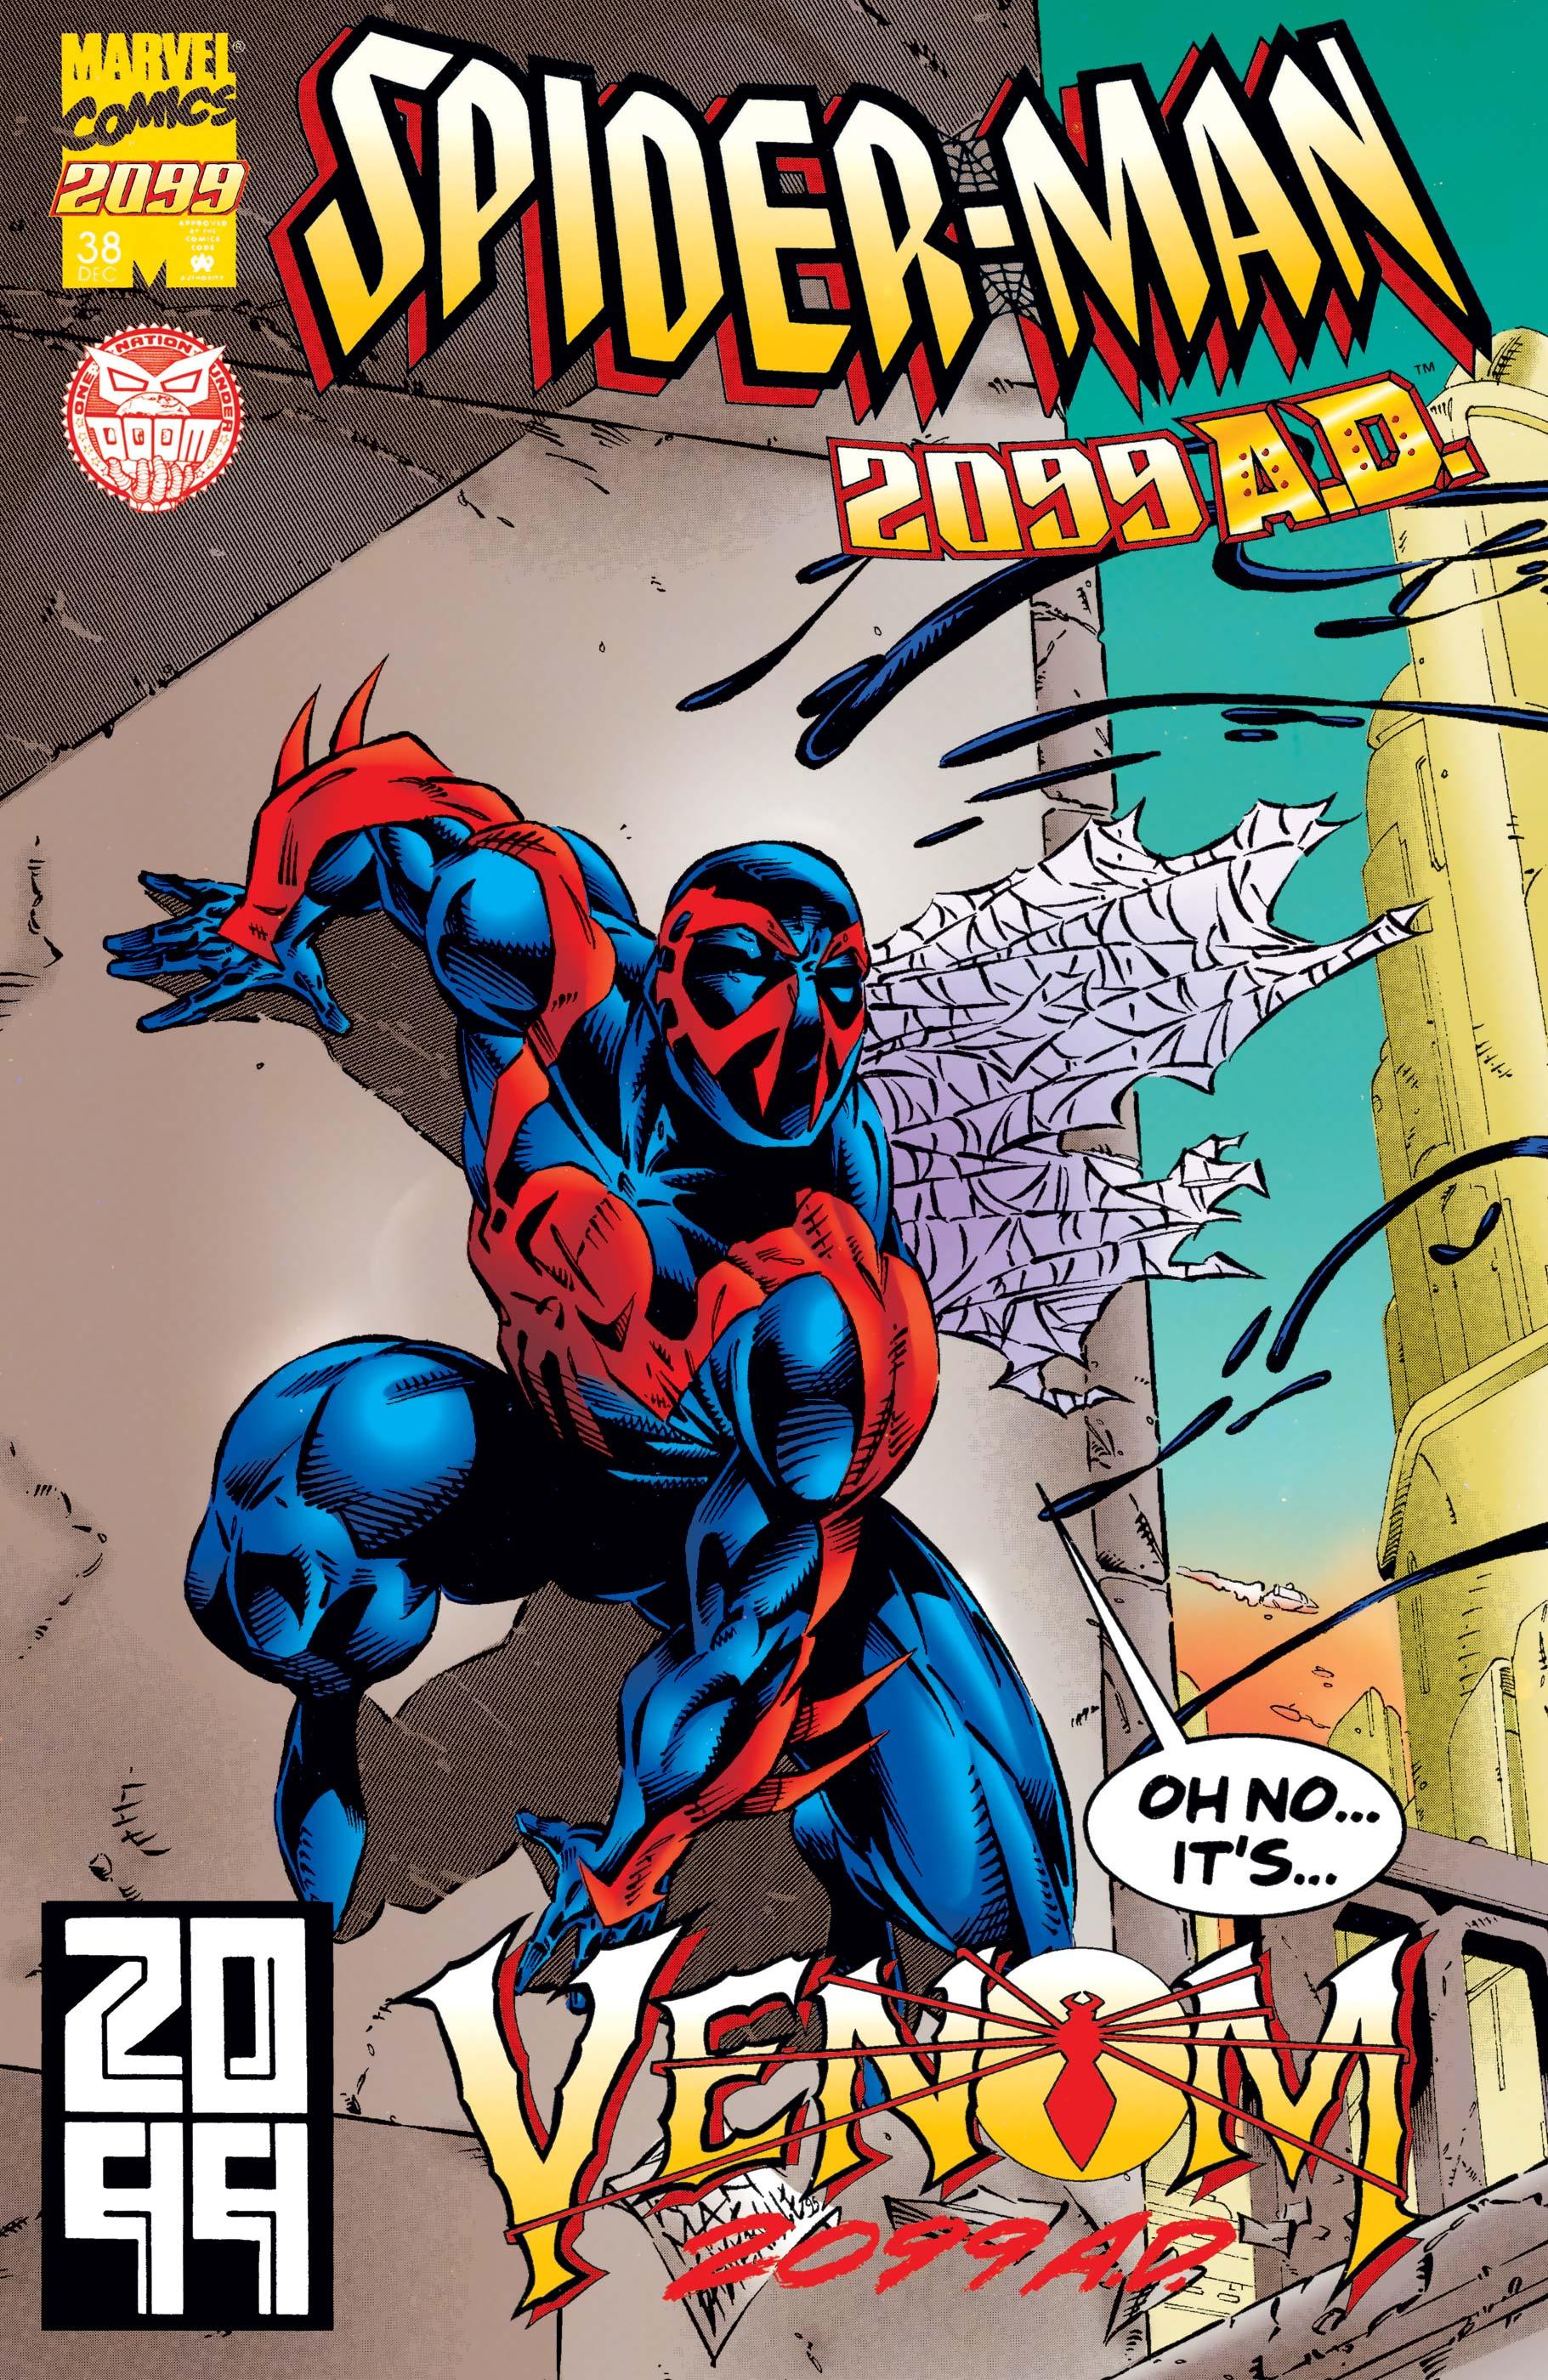 Spider-Man 2099 (1992) #38